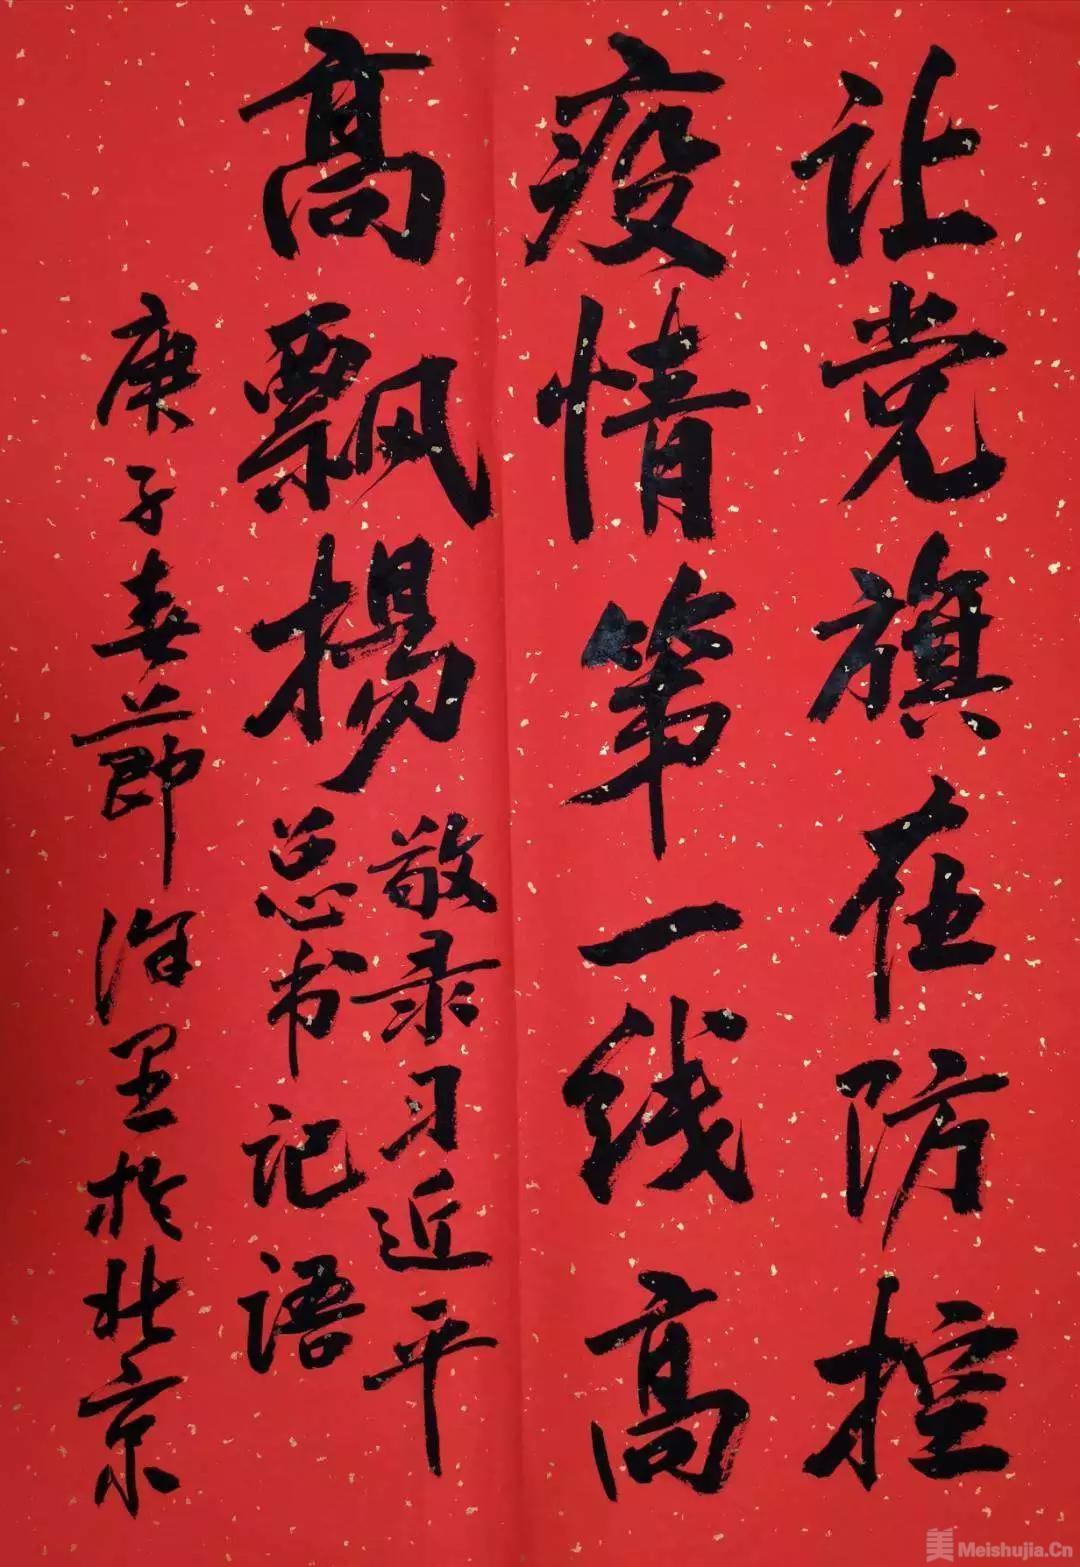 众志成城 抗击疫情:中国美术界以笔作枪致敬抗疫前线最美中国人